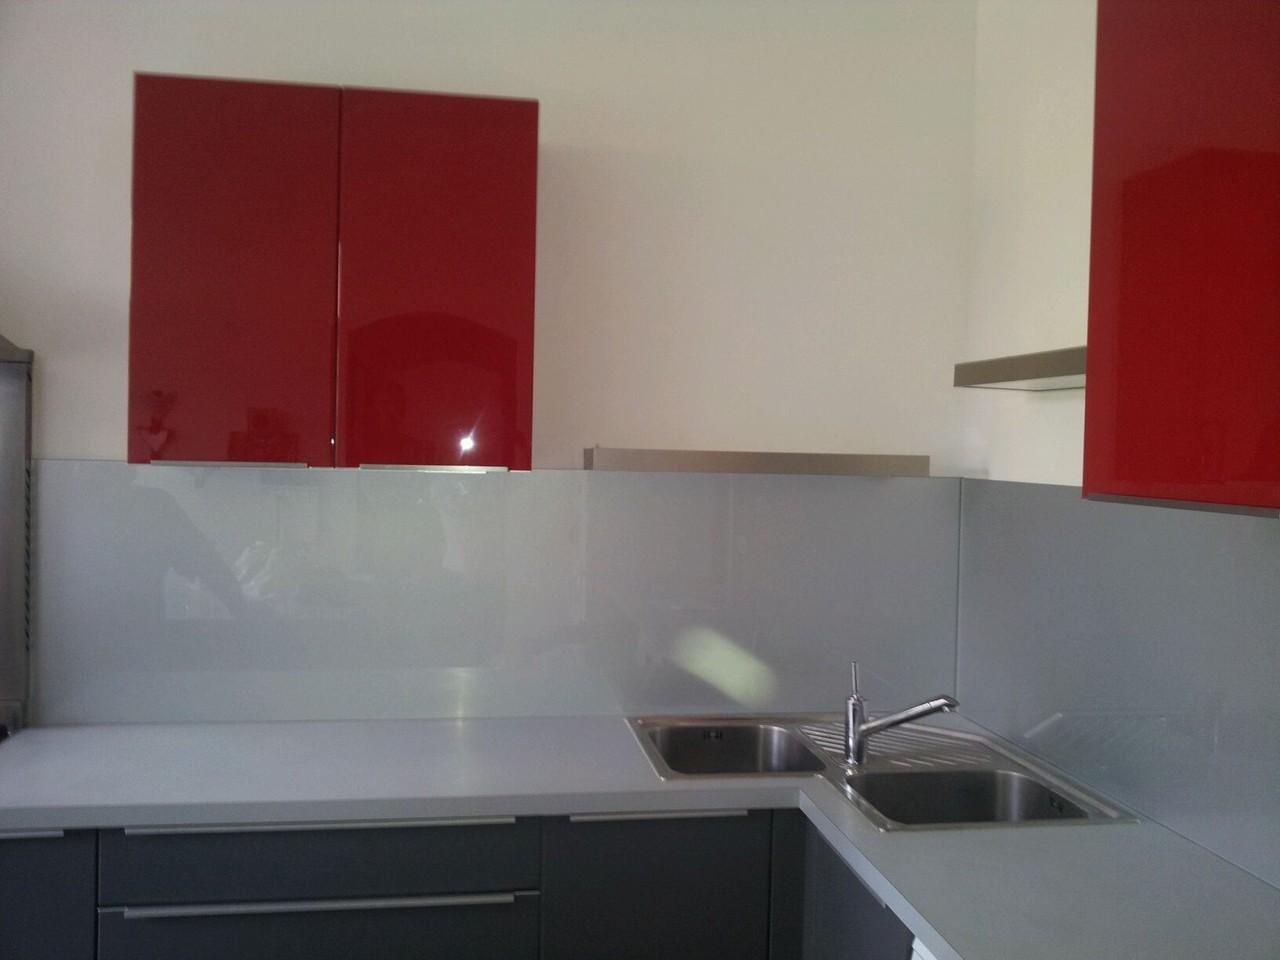 cuisine complétée  par meubles hauts crédences et étagères et terminée cuisine design